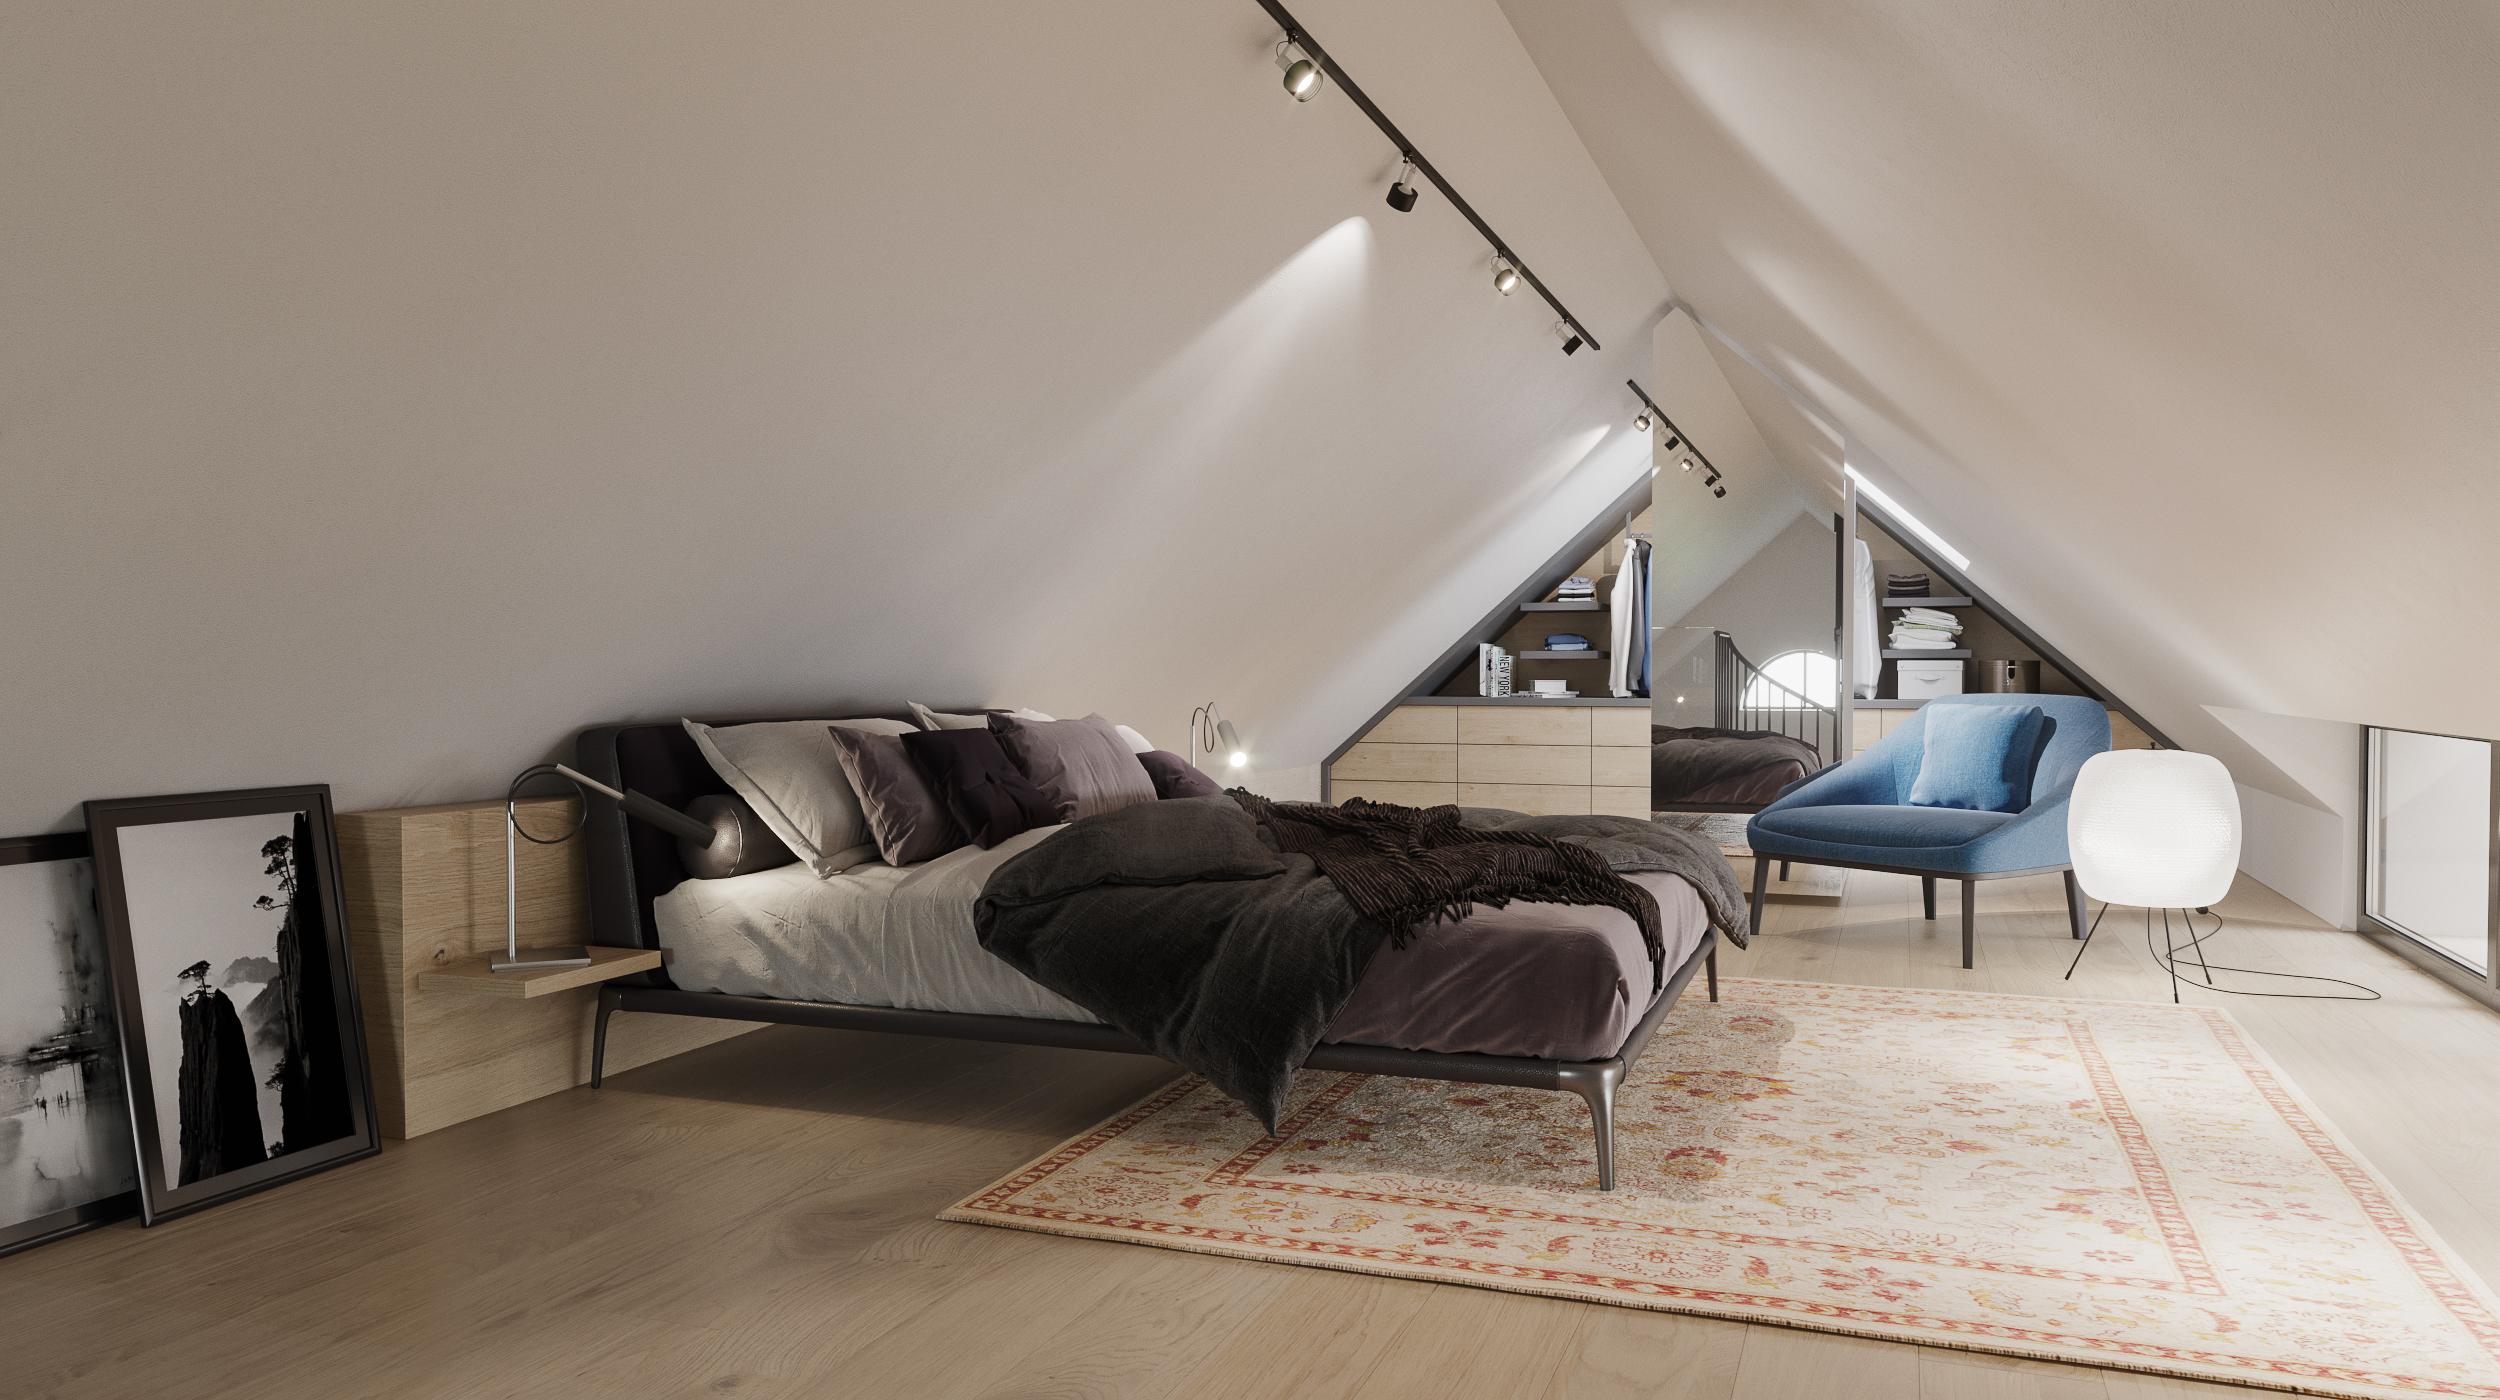 180705 Zurich Apartment interior 2 2 - 1.jpg